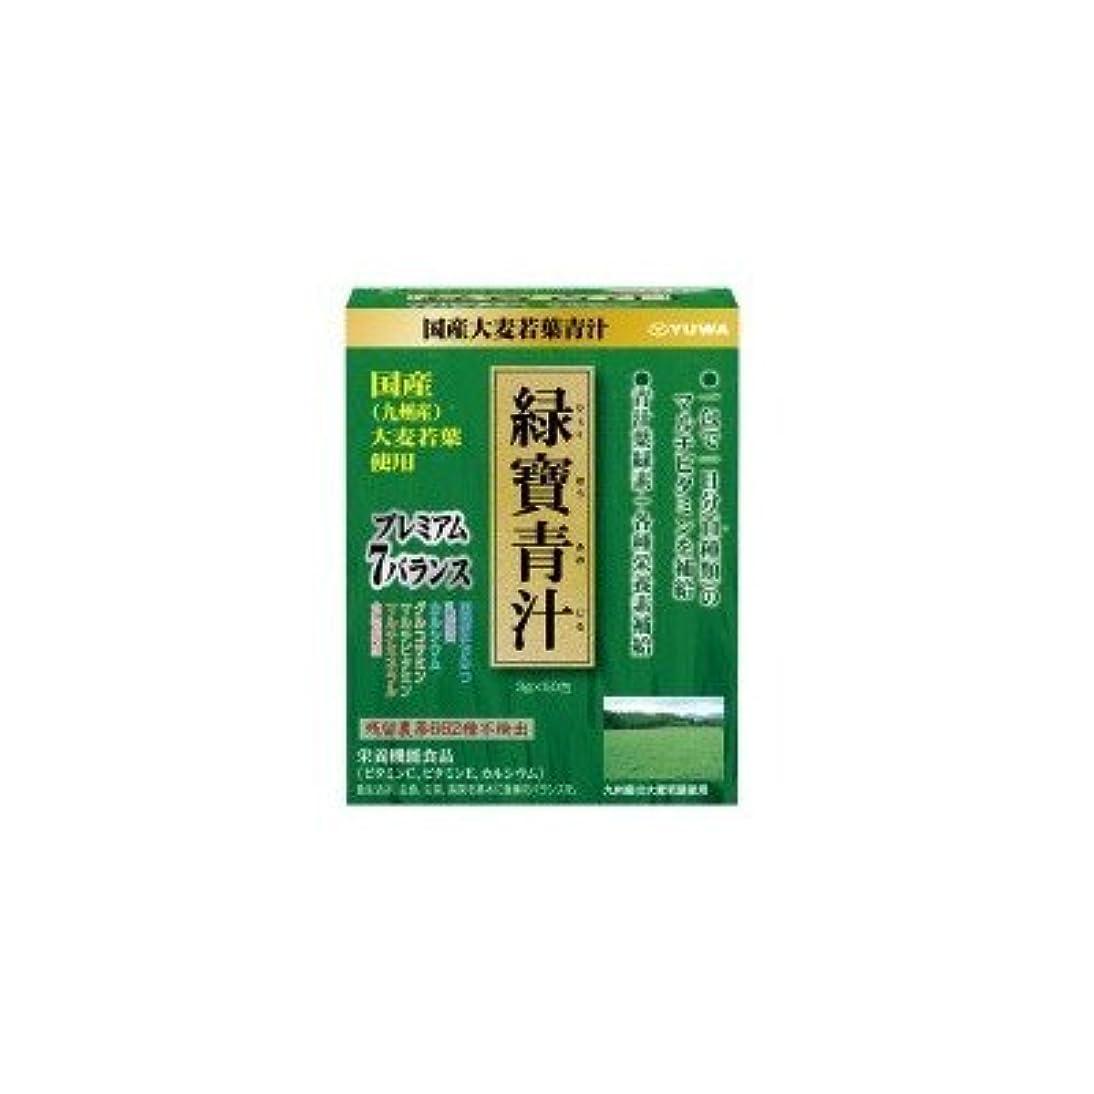 ビタミン不快女優ユーワ 九州産大麦若葉使用 緑寶青汁 150g(3g×50包) 2865